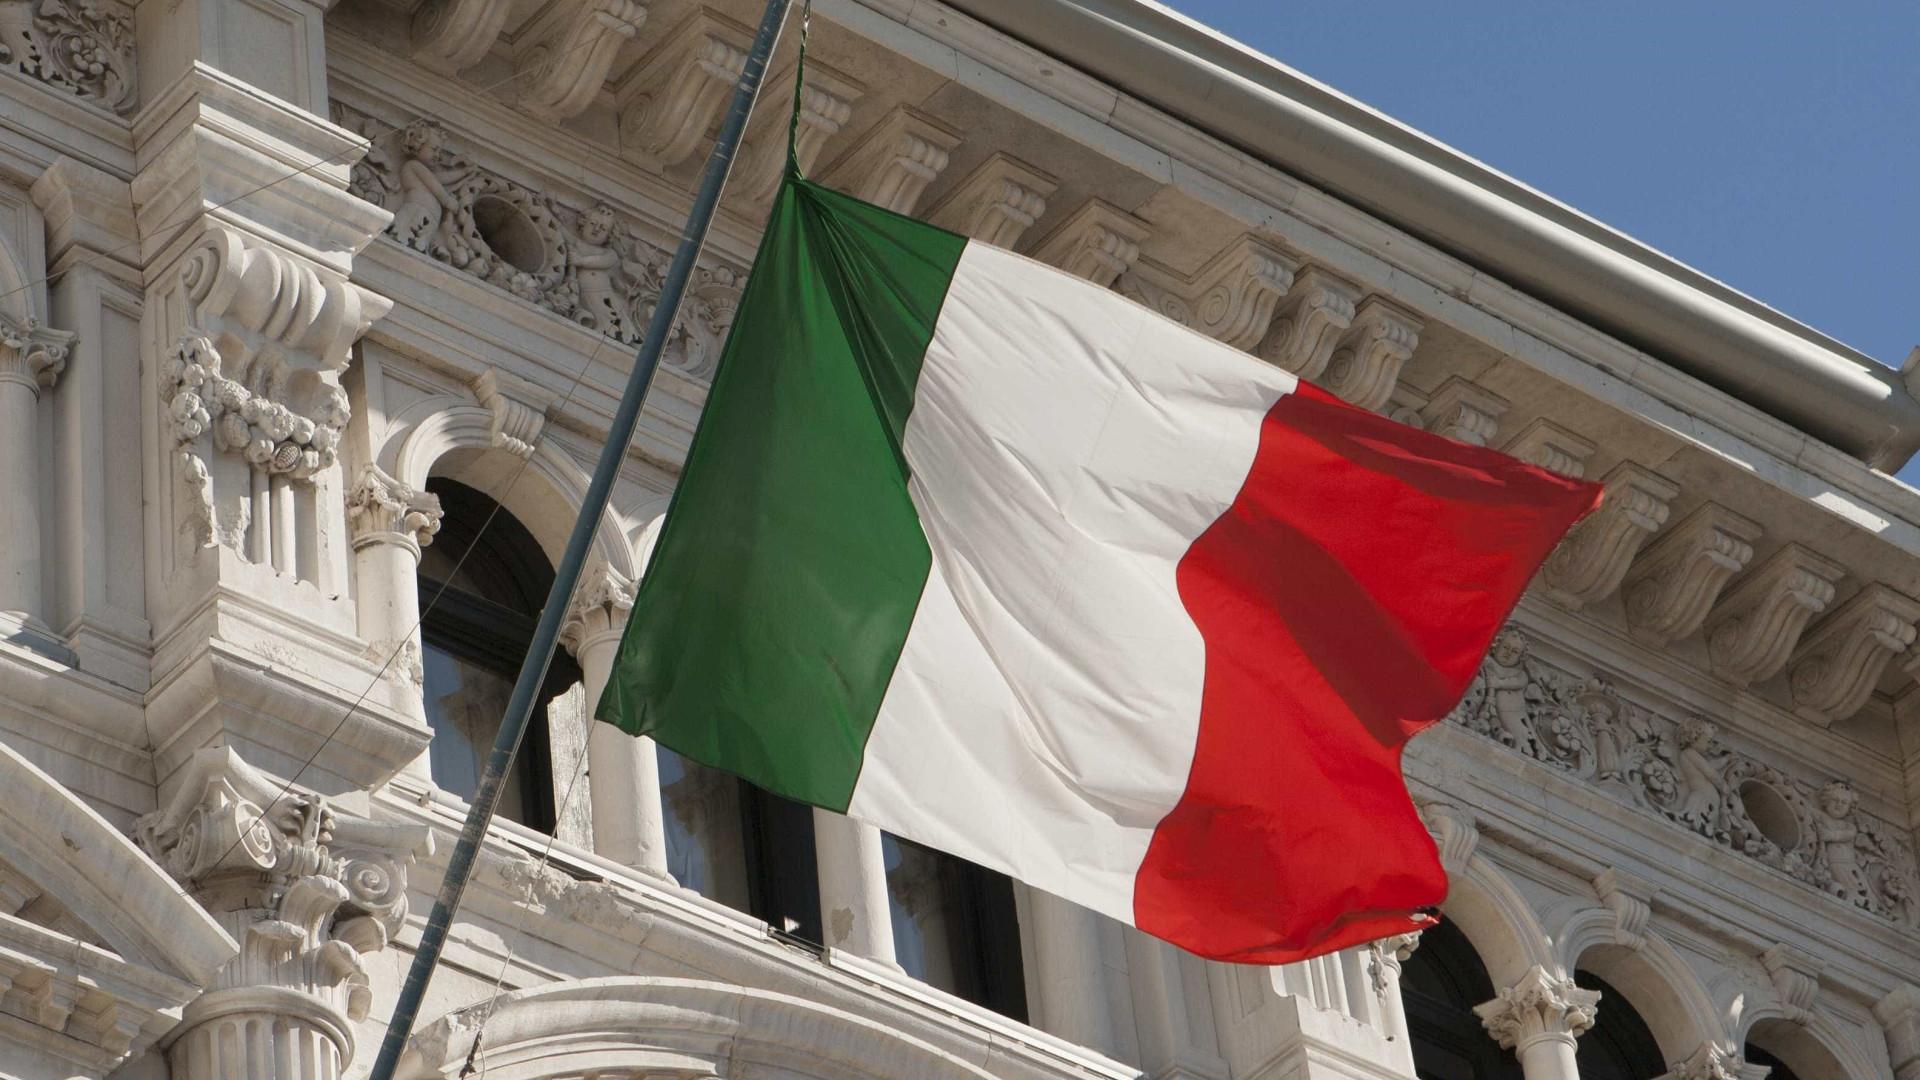 Movimento vota a favor de nova coalizão e encerra crise na Itália